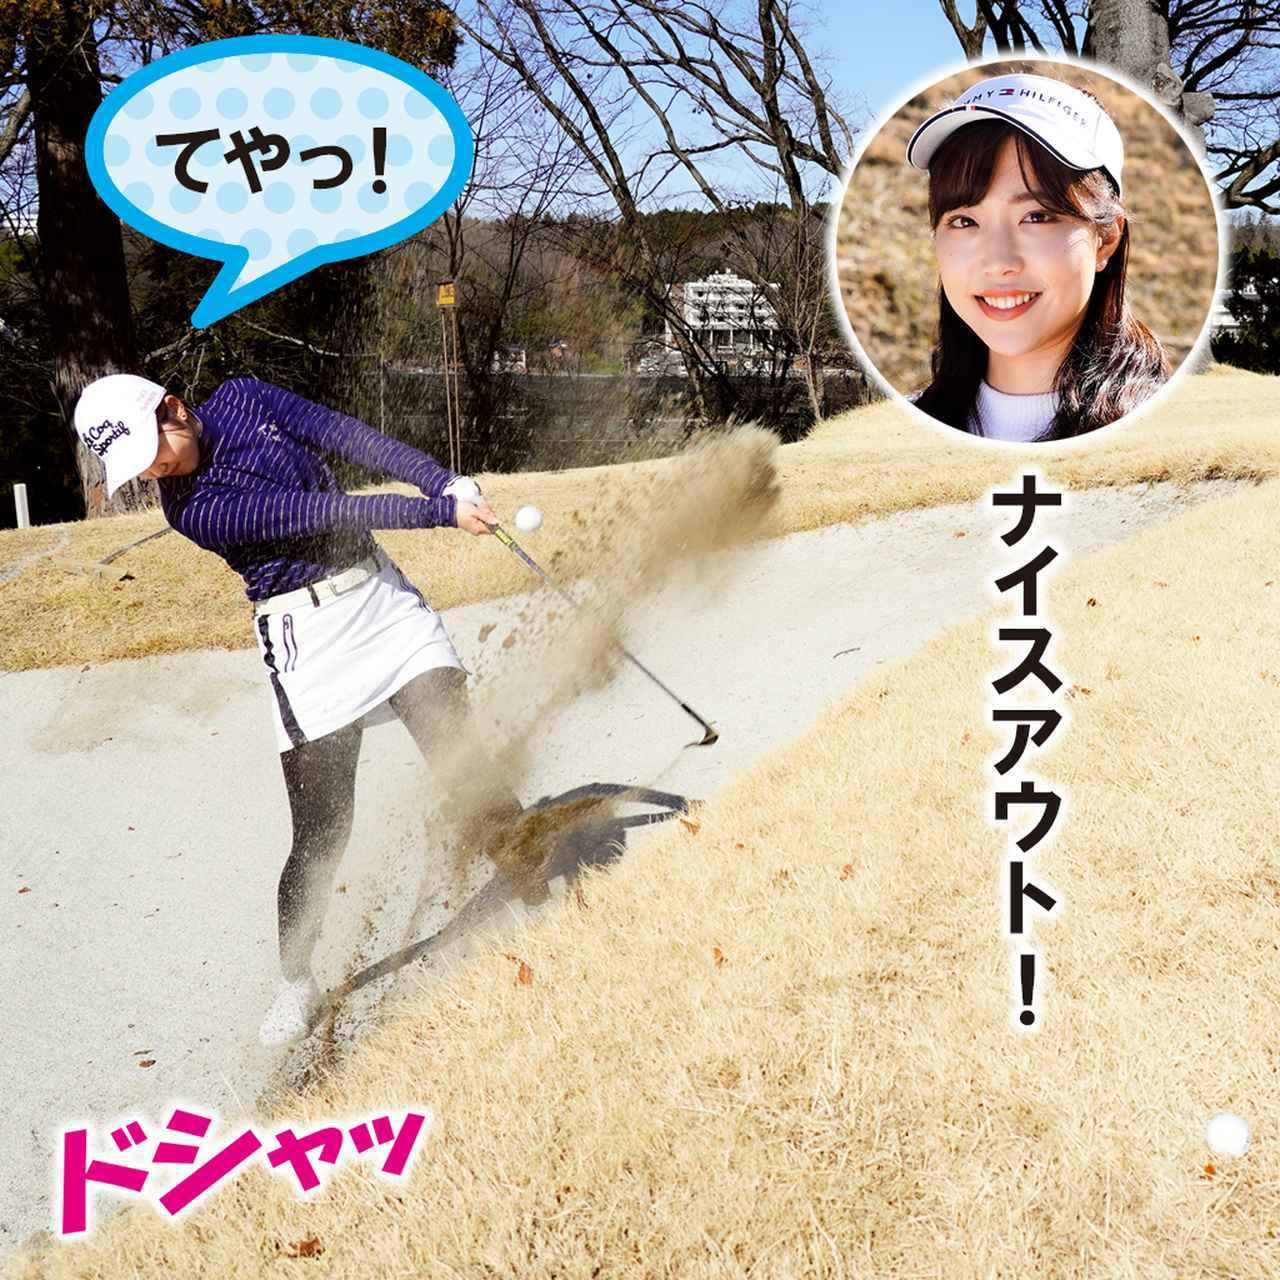 画像2: 【新ルール】ボールに砂をかけられた! 拭ける? 拭けない?